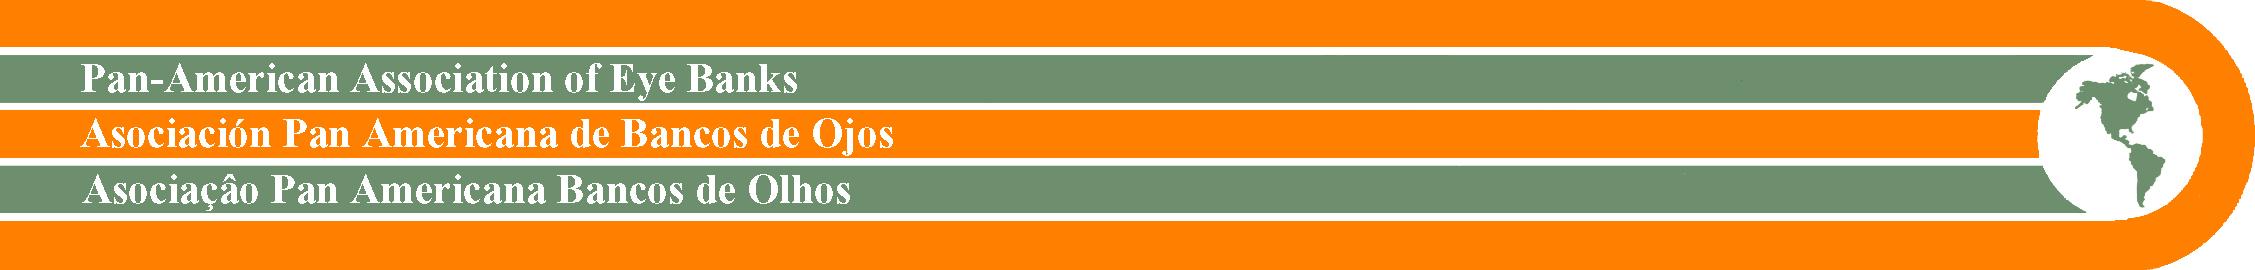 logo for Asociación Pan Americana de Bancos de Ojos